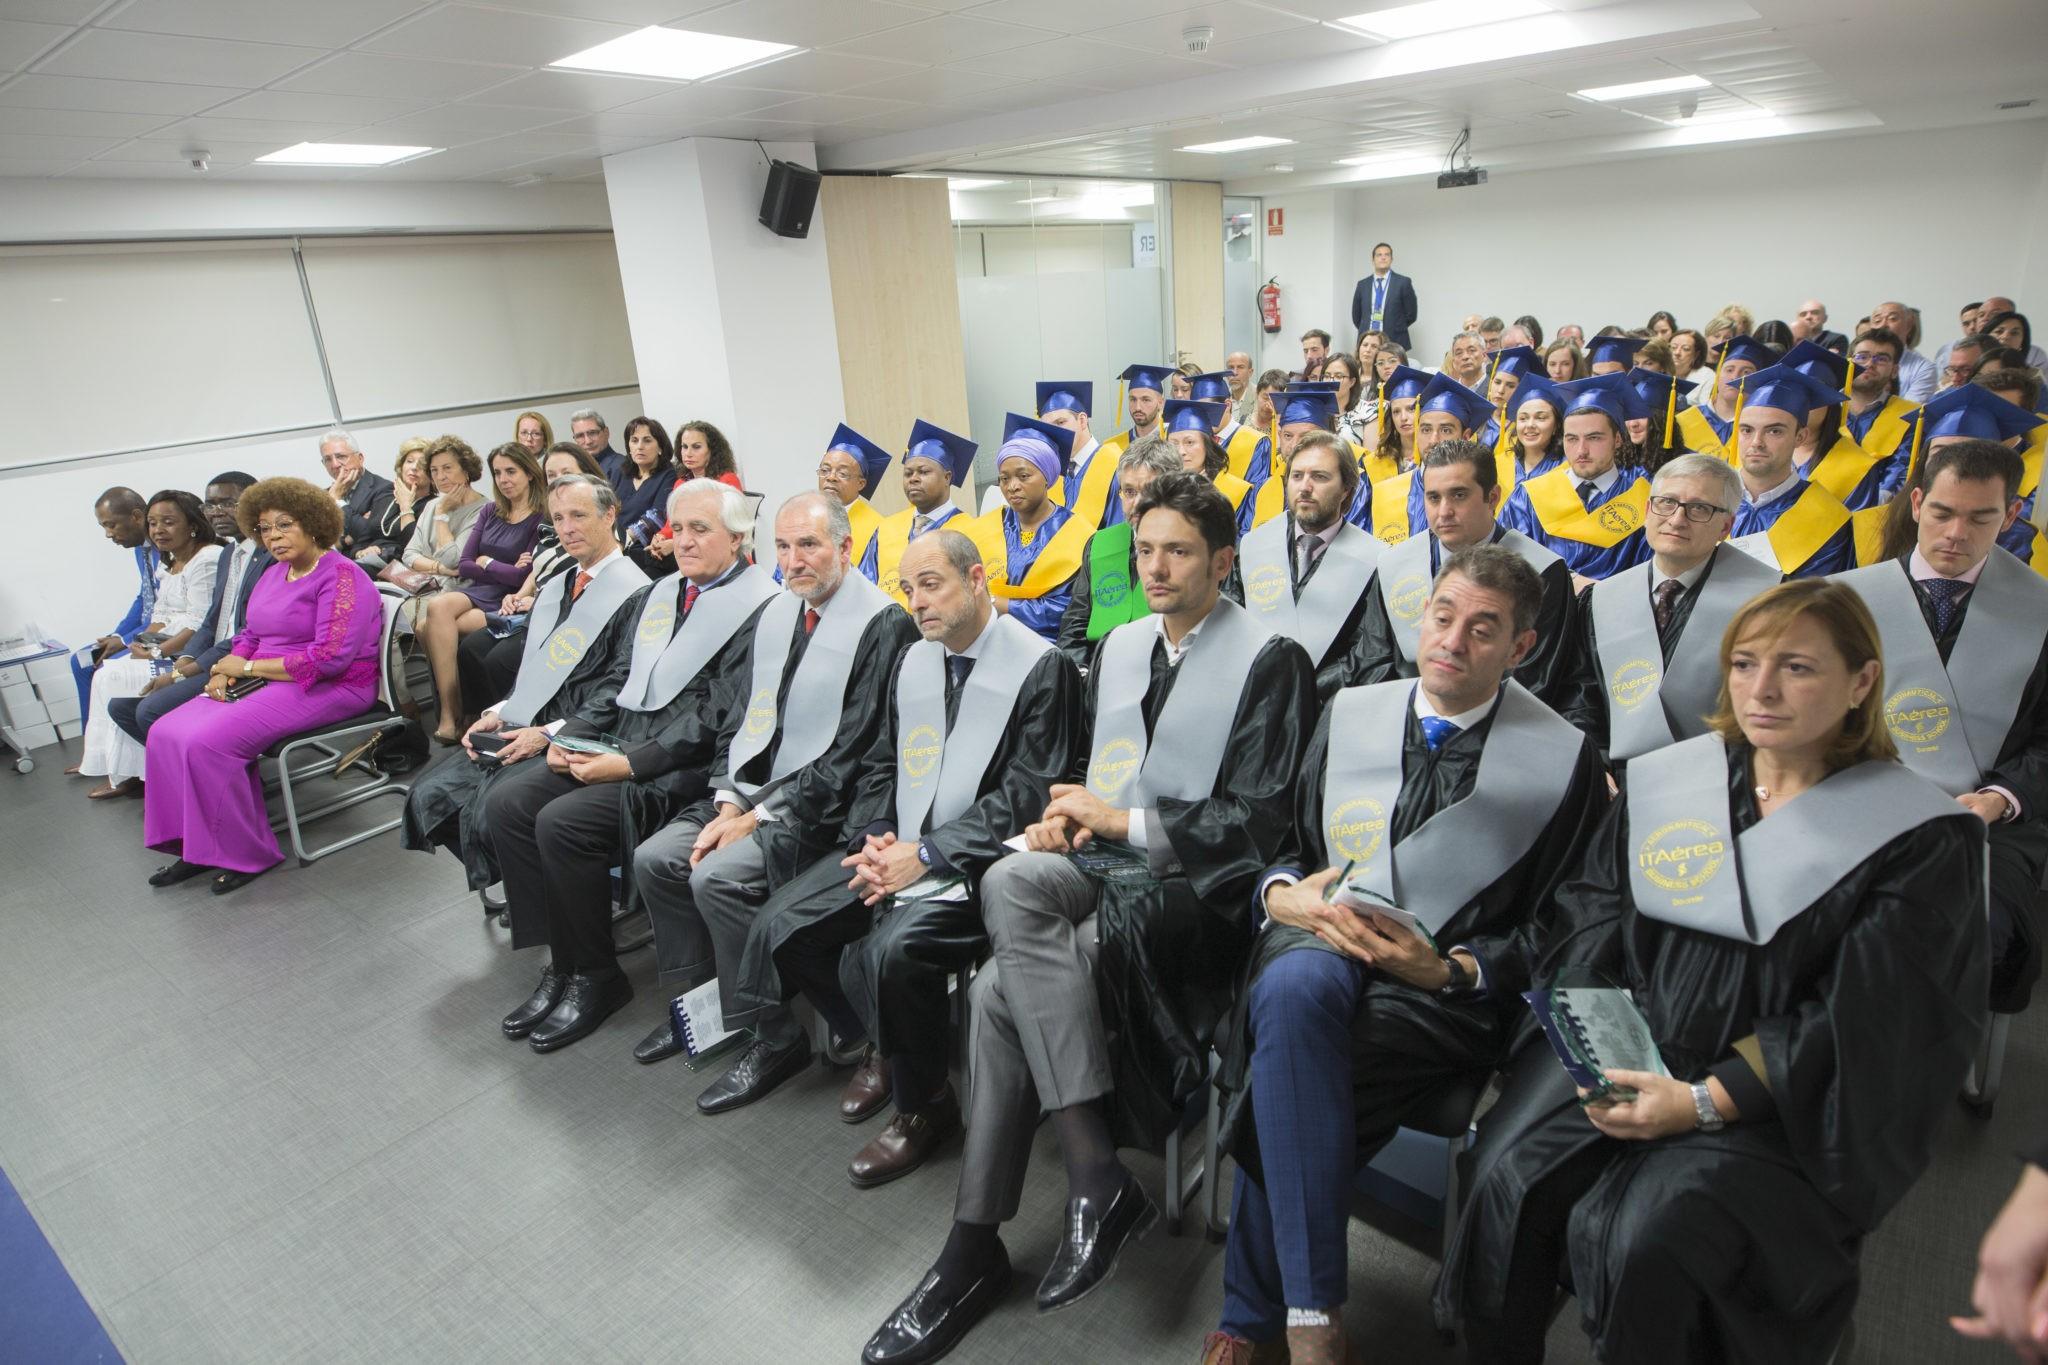 JC 8942 - Ceremonia de graduación del Máster en Gestión y Dirección Aeroportuaria y Aeronáutica 2017-2019 en ITAérea Madrid